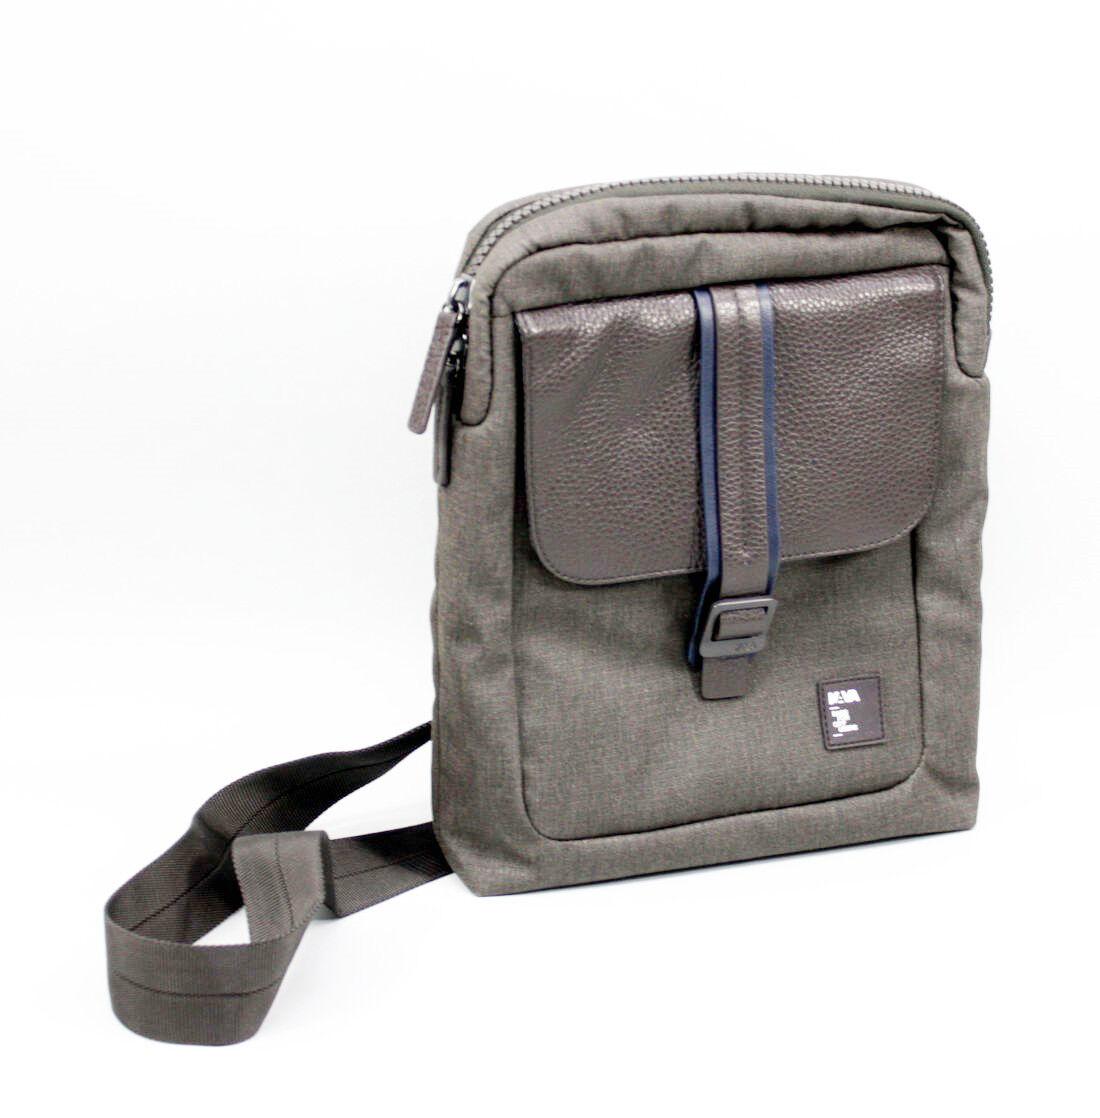 NAVA Design Courier iPad Mini Shoulder Bag Umhängetasche Dunkelbraun CB022 (98) | Verschiedene  | Vogue  | Reichlich Und Pünktliche Lieferung